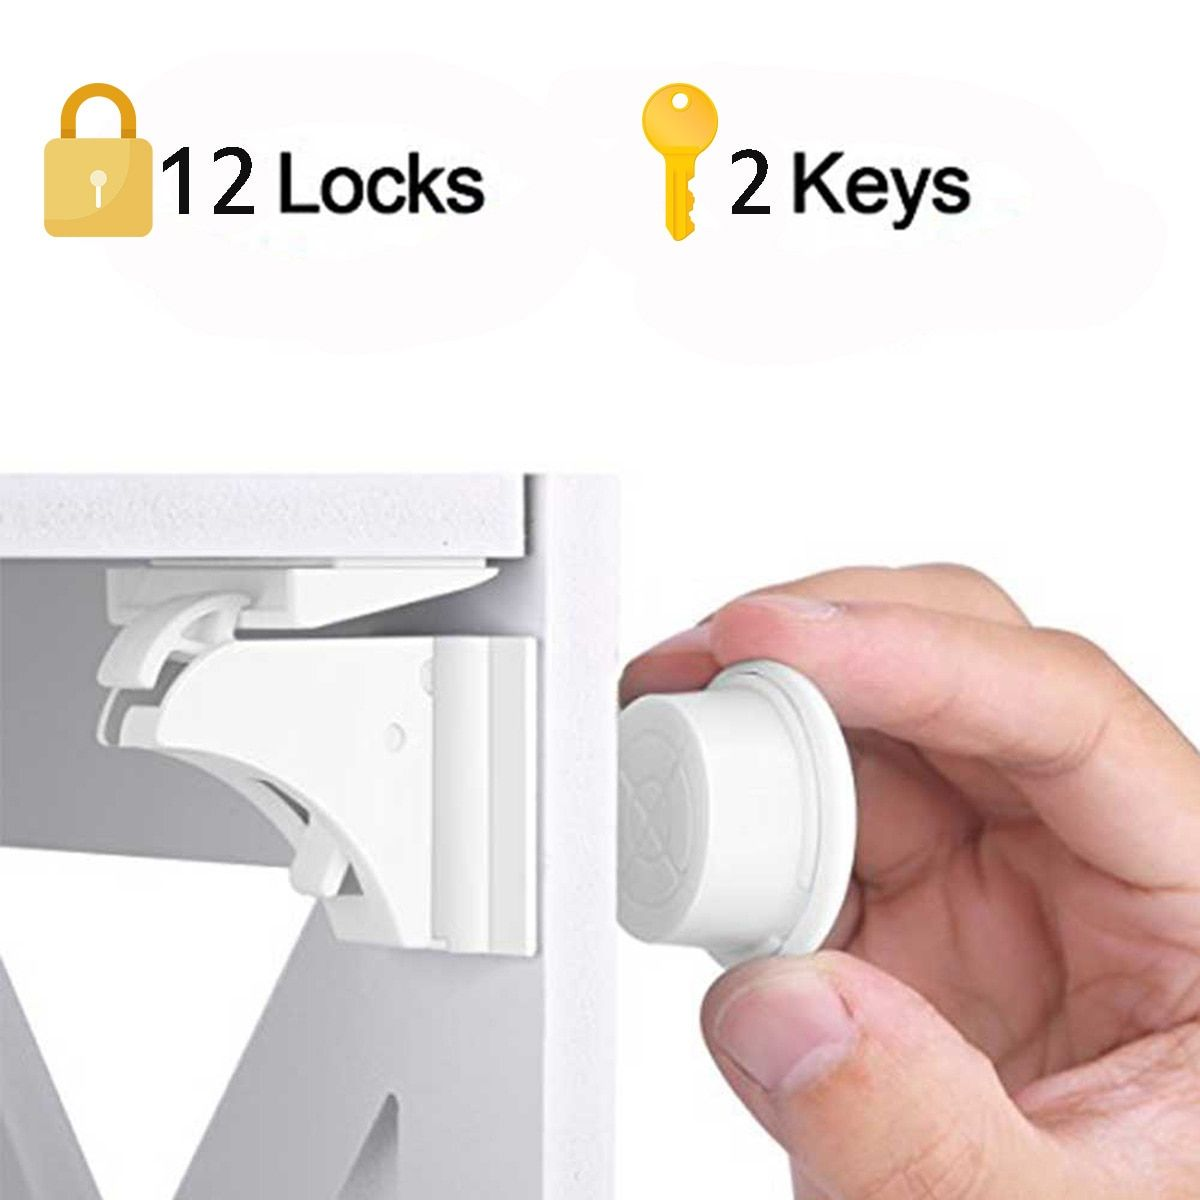 4/8/10/12 serrures + 1/2/3 clés magnétique enfant serrure bébé sécurité armoire porte serrure enfants tiroir casier sécurité placard serrures invisibles